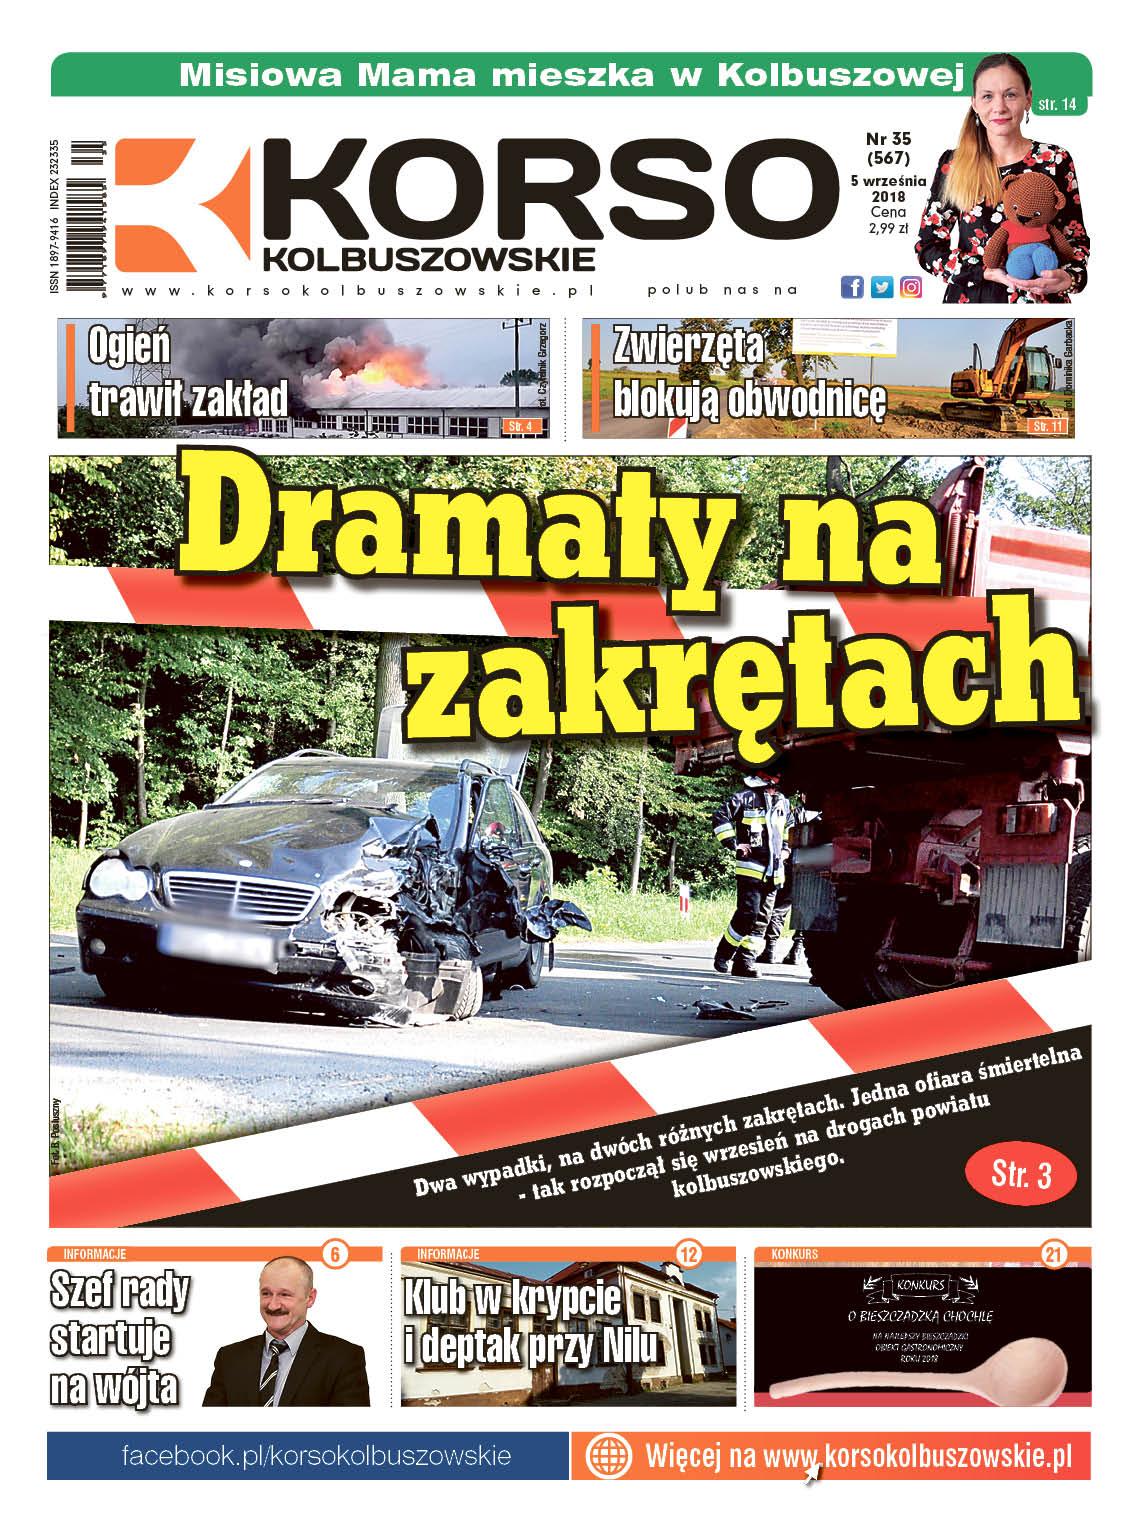 Korso Kolbuszowskie - nr 35/2018 - Zdjęcie główne